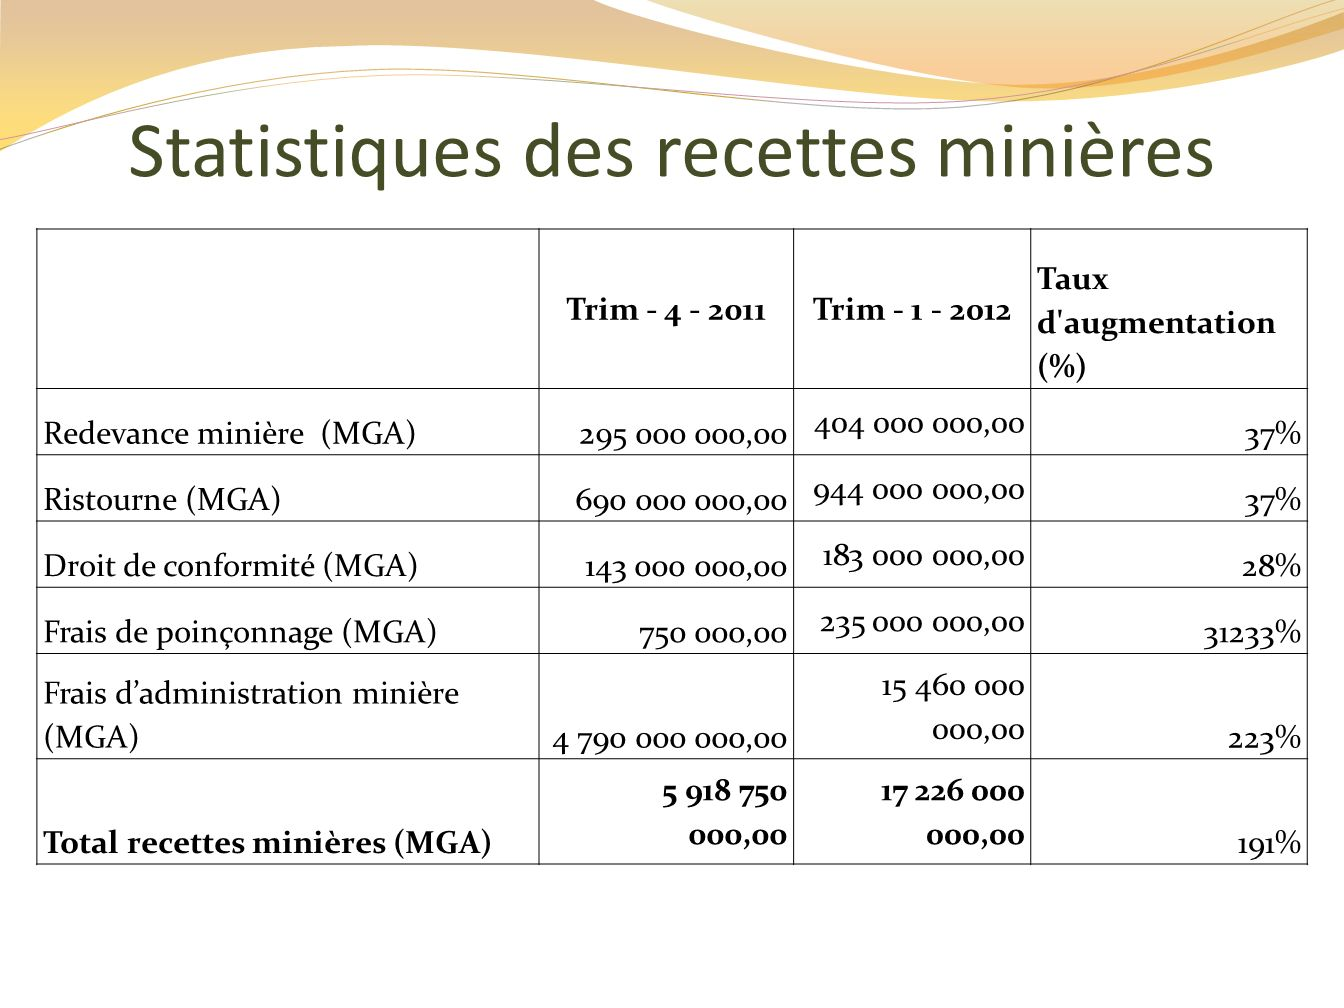 Statistiques des recettes minières